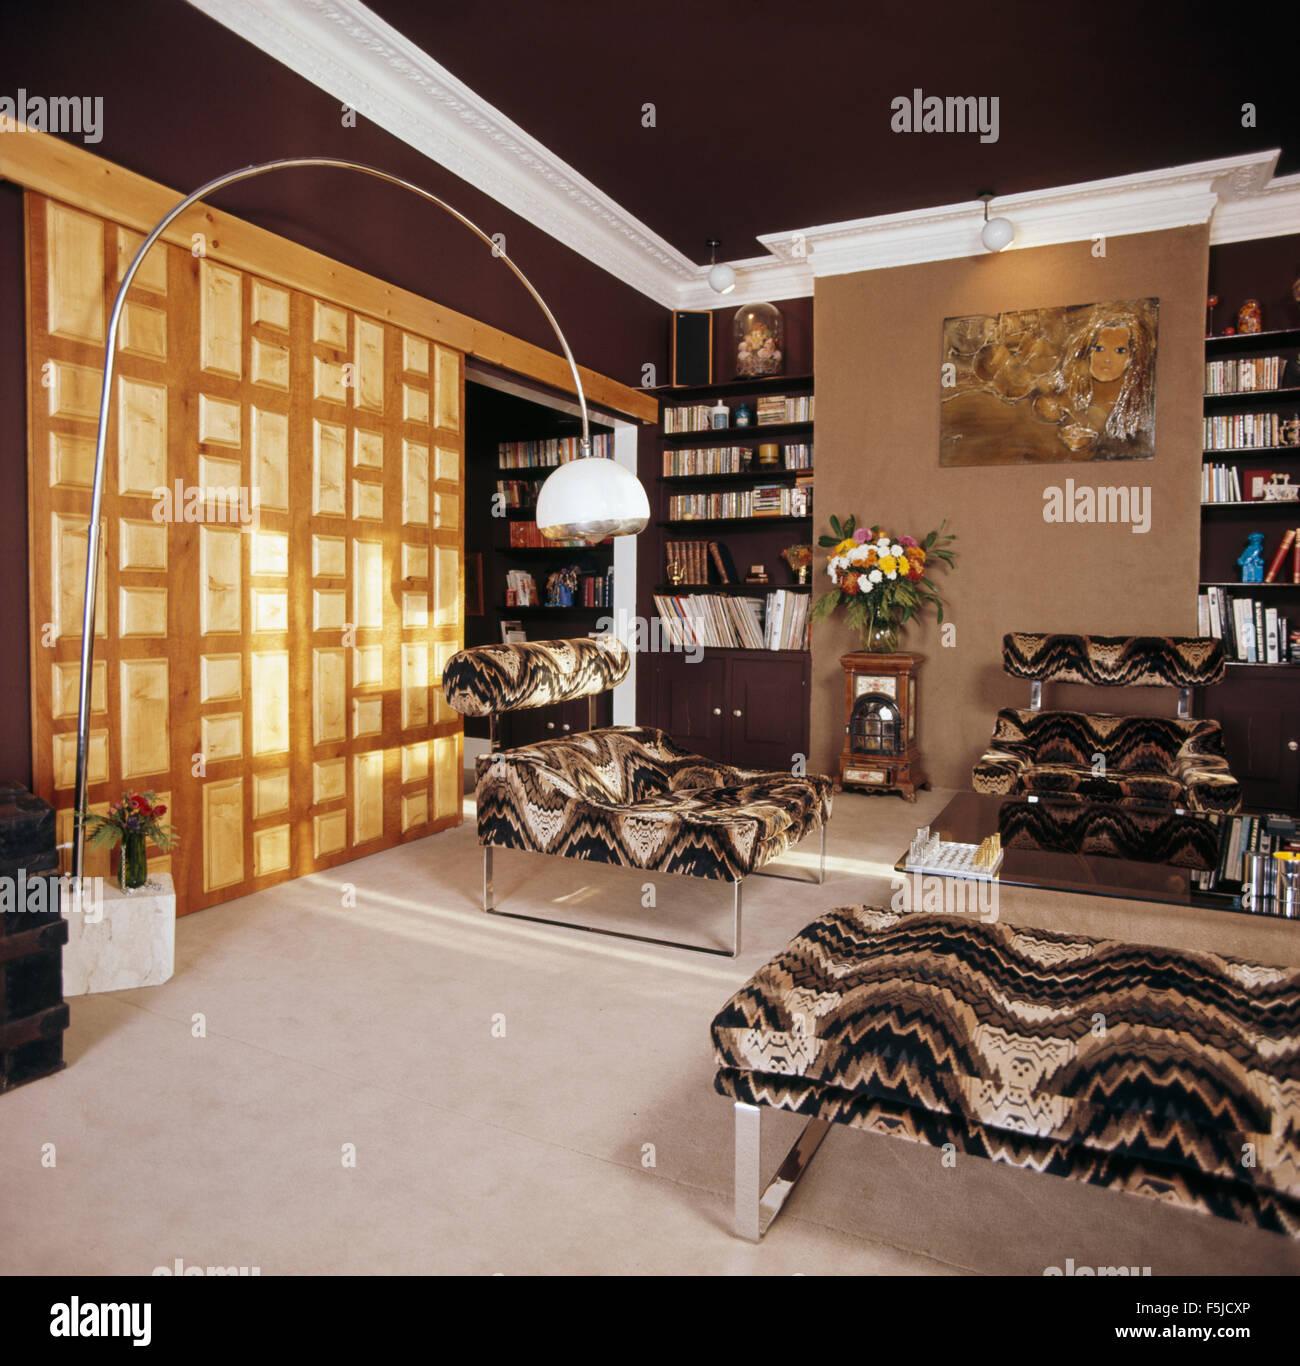 Schwarz Grau Wirbel Gemusterte Samt Möbel Der 70er Jahre Stadthaus